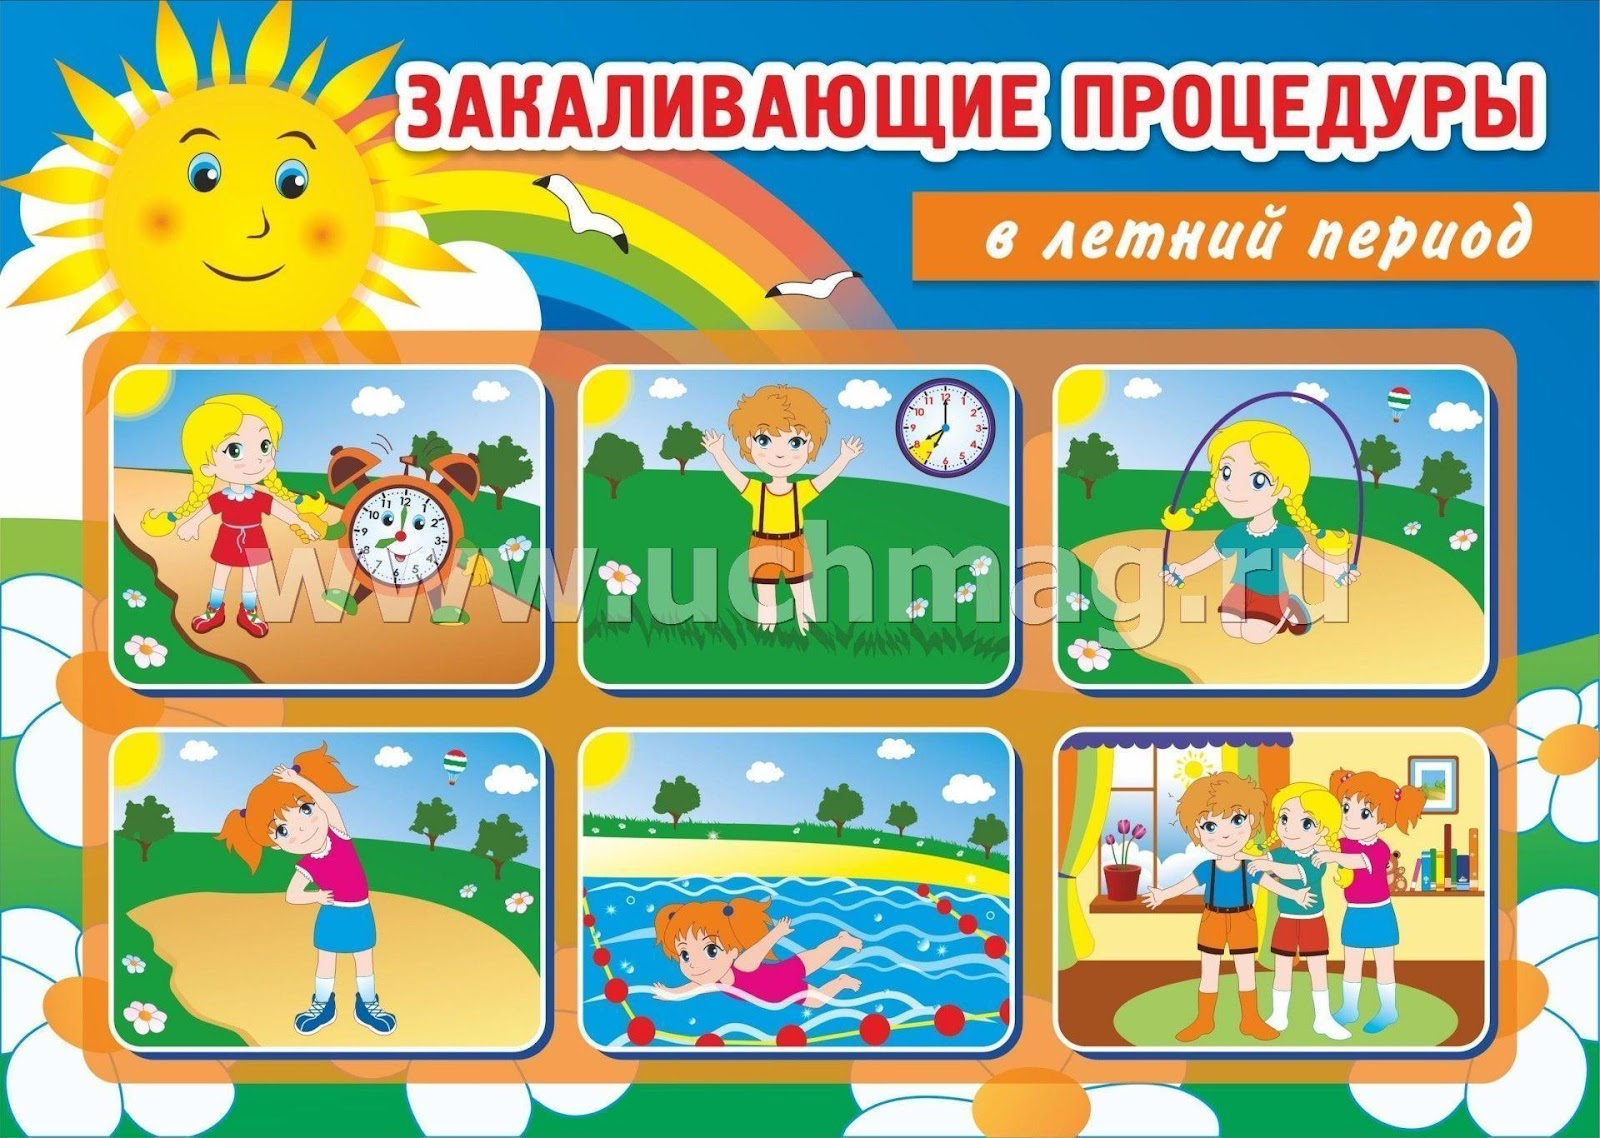 https://www.uchmag.ru/upload/catalog/posob/_/k/_k_p_l-79_/images/01.jpg